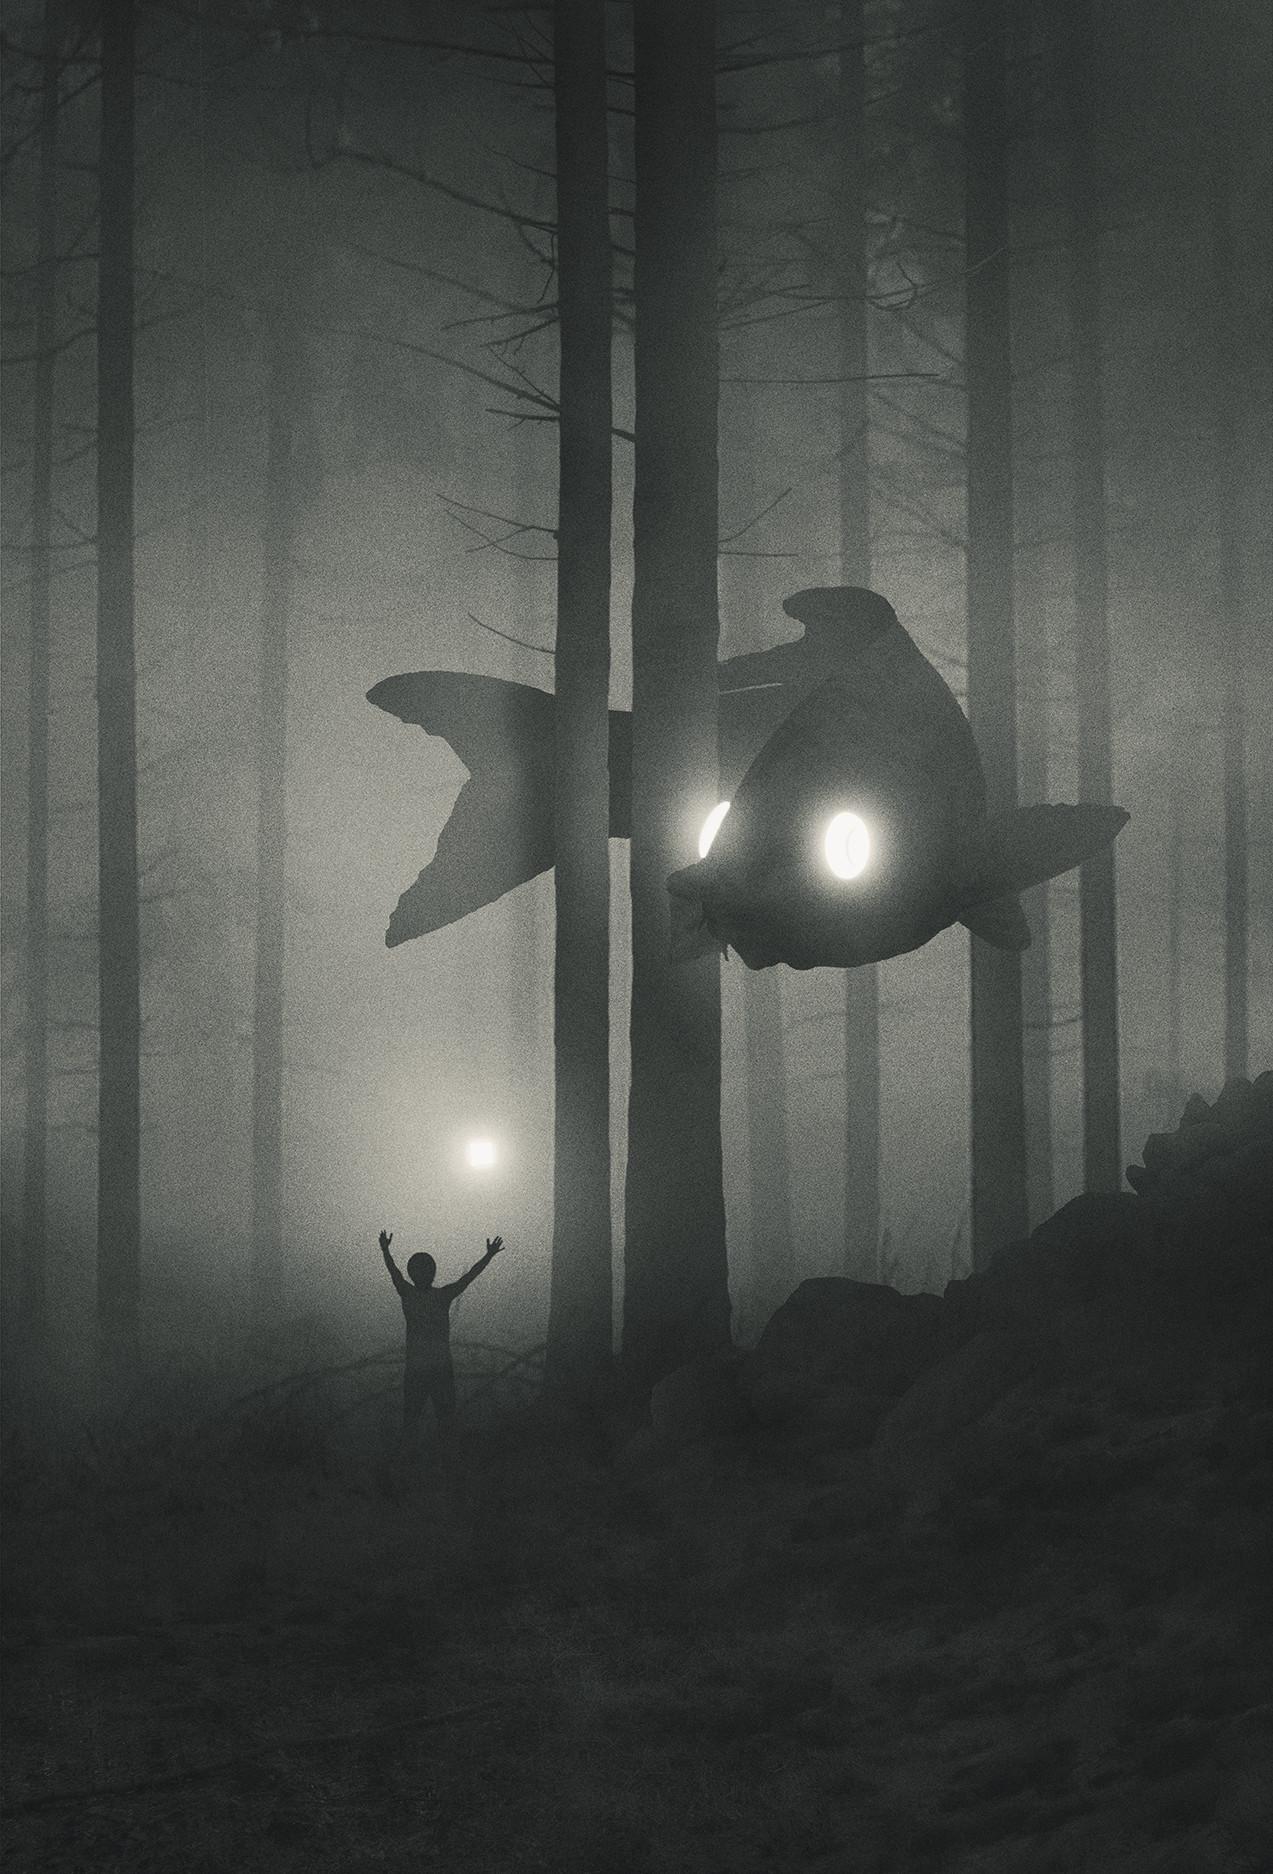 Dawid planeta deep forest